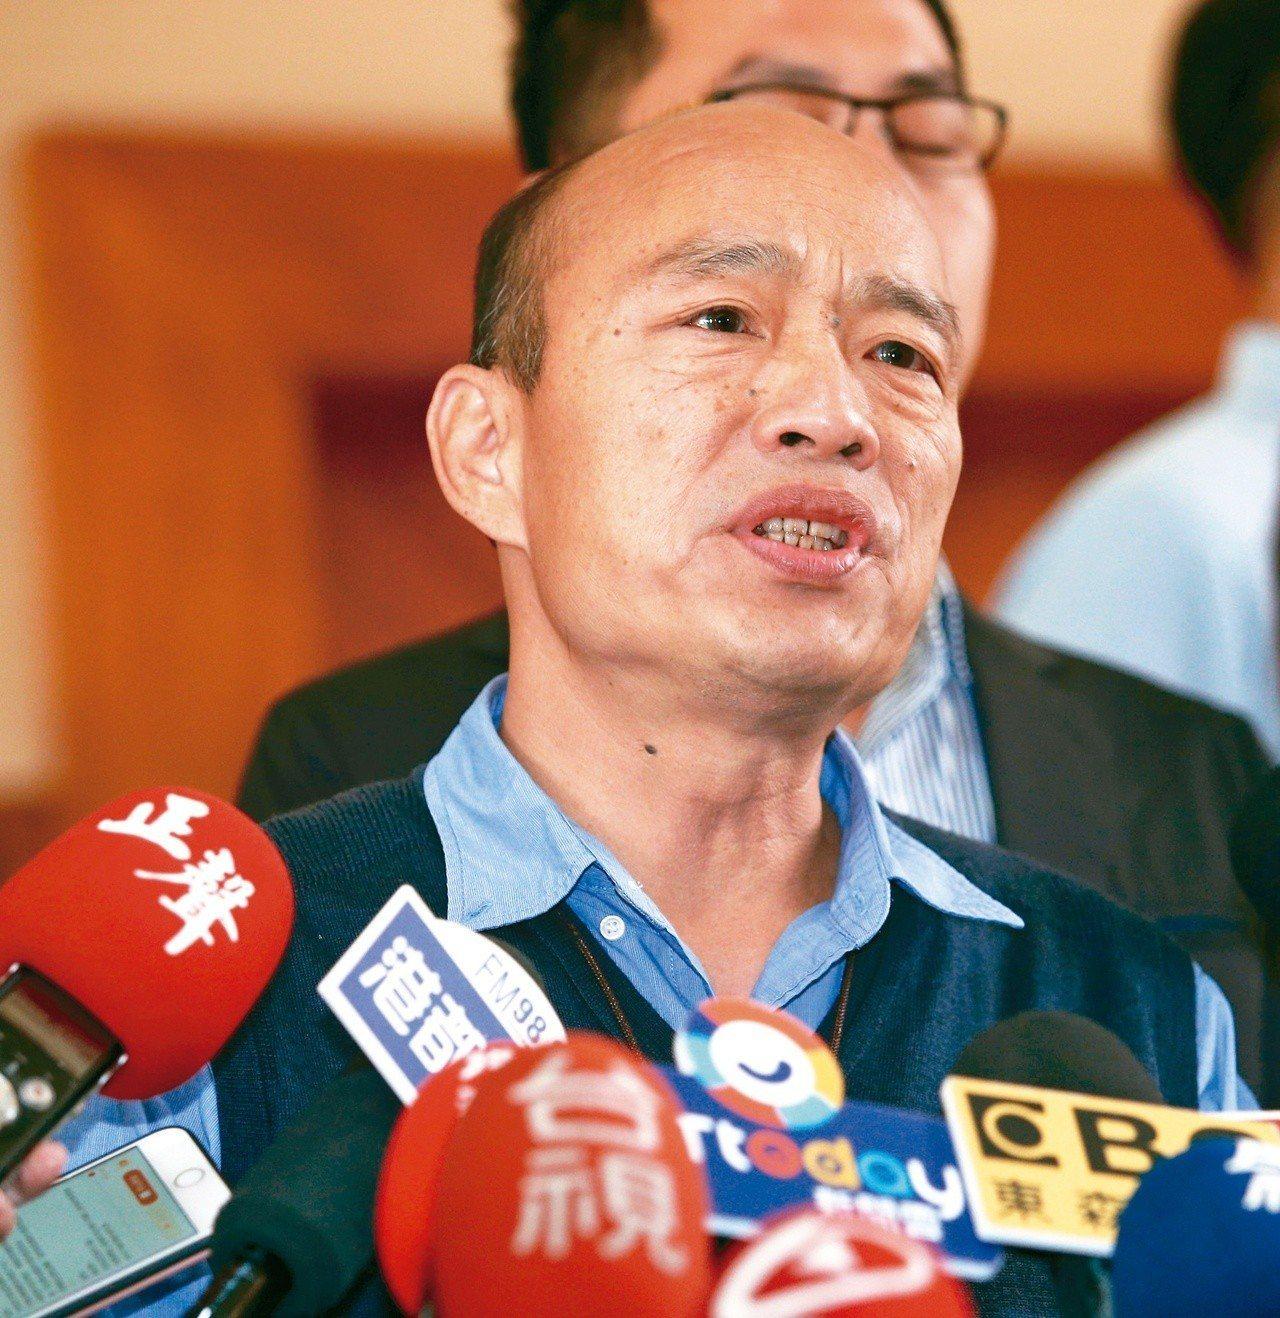 高雄市長韓國瑜參選2020與否,有正當性問題待克服。 記者劉學聖/攝影